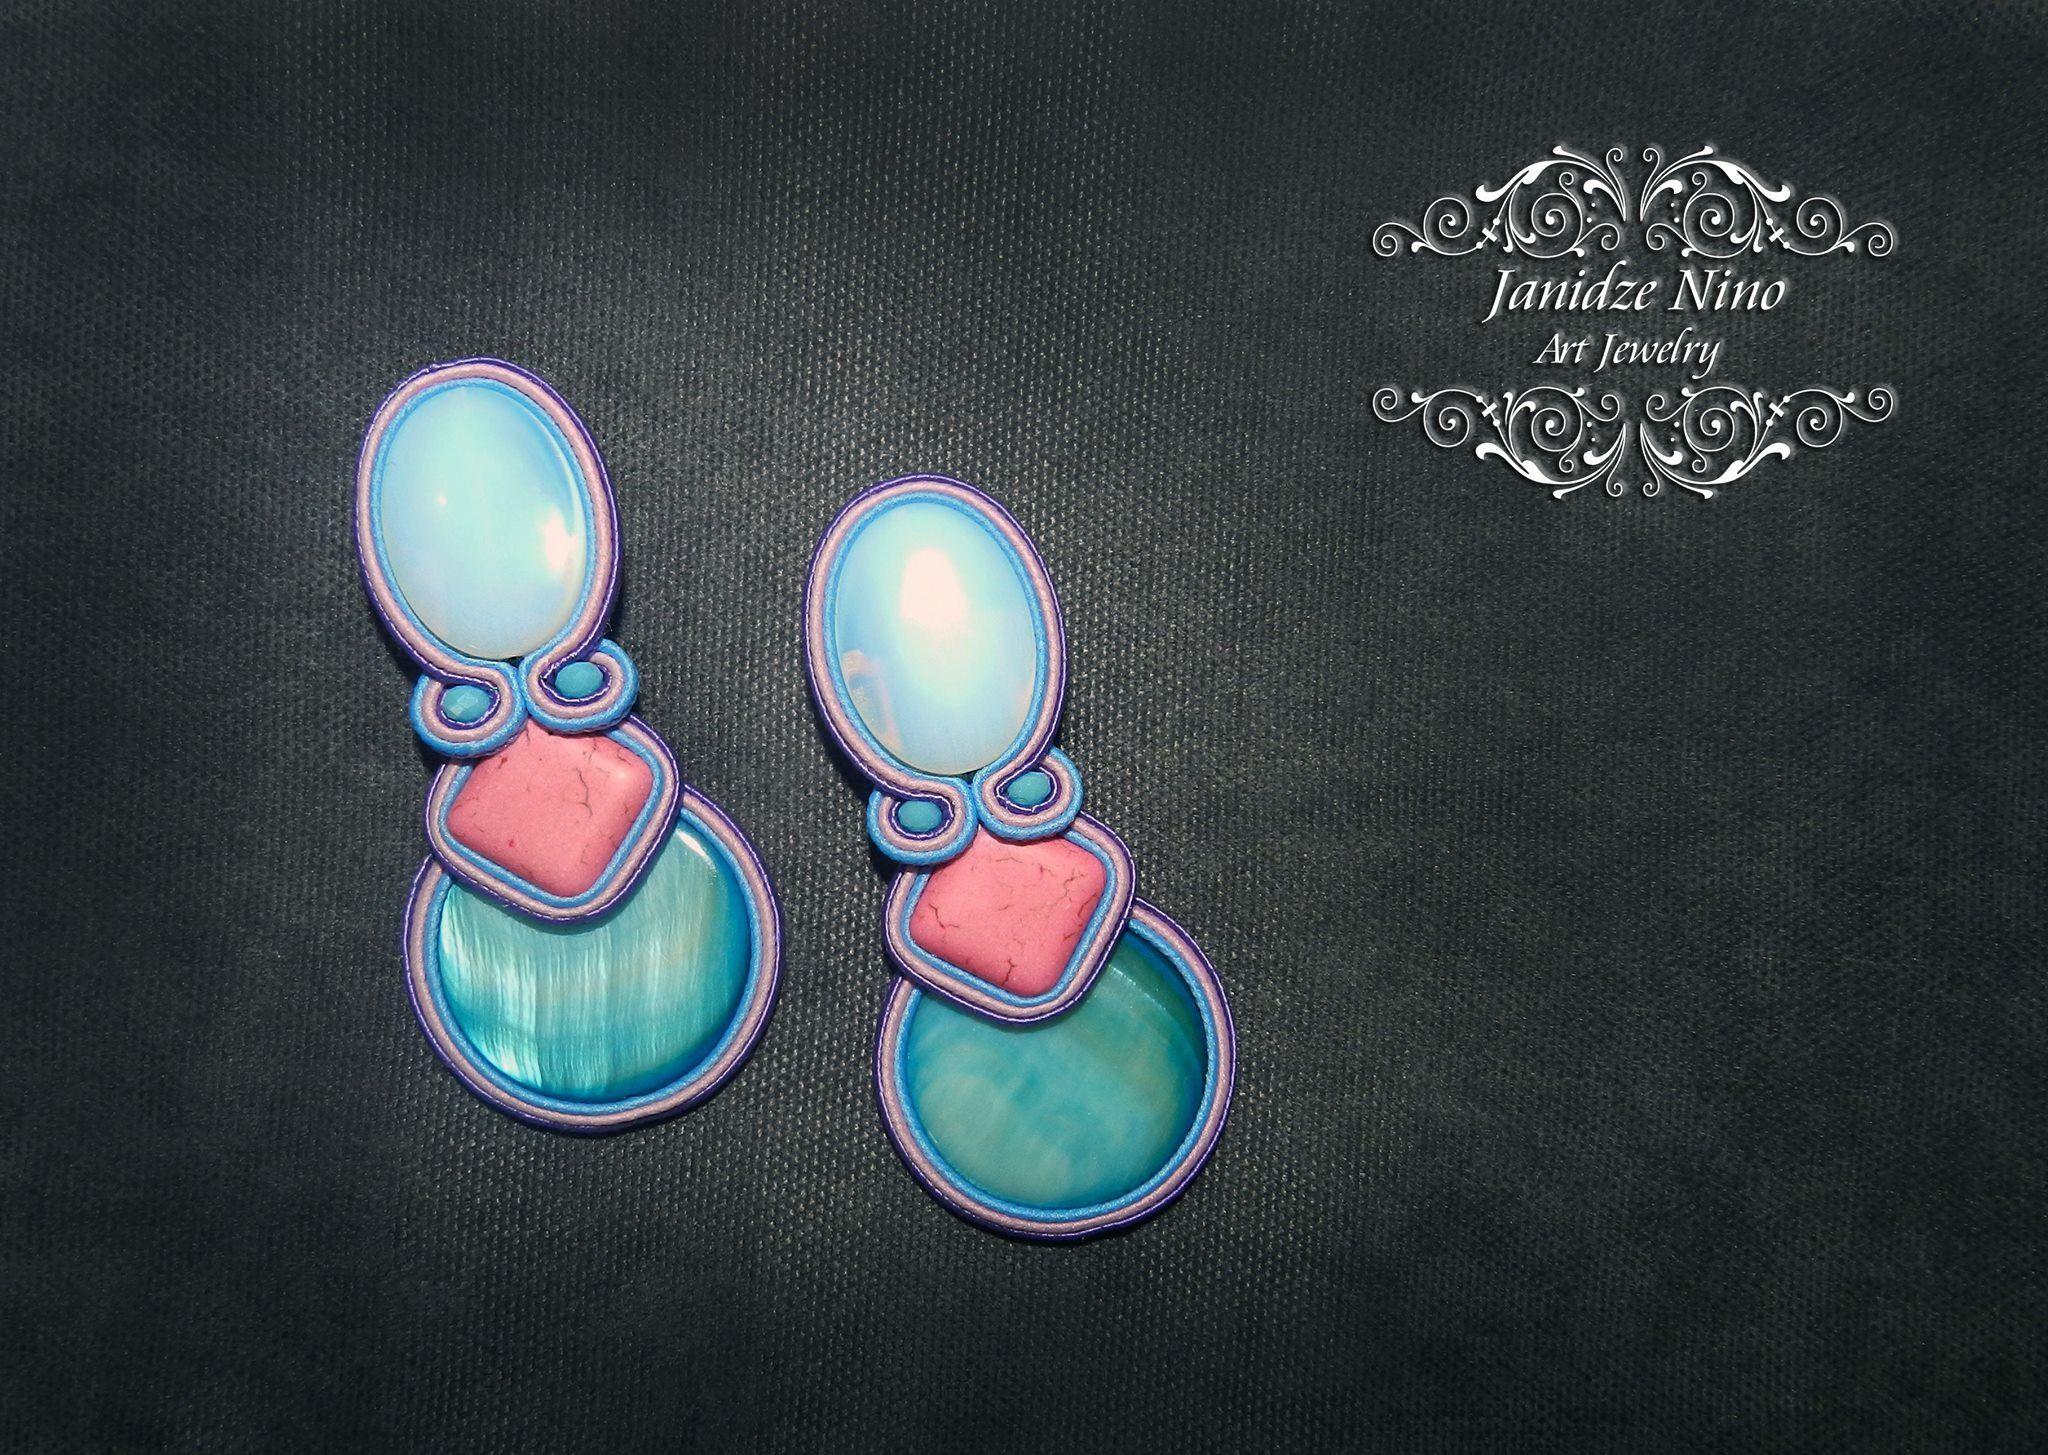 Pin by nino janidze on soutache jewelry pinterest soutache jewelry